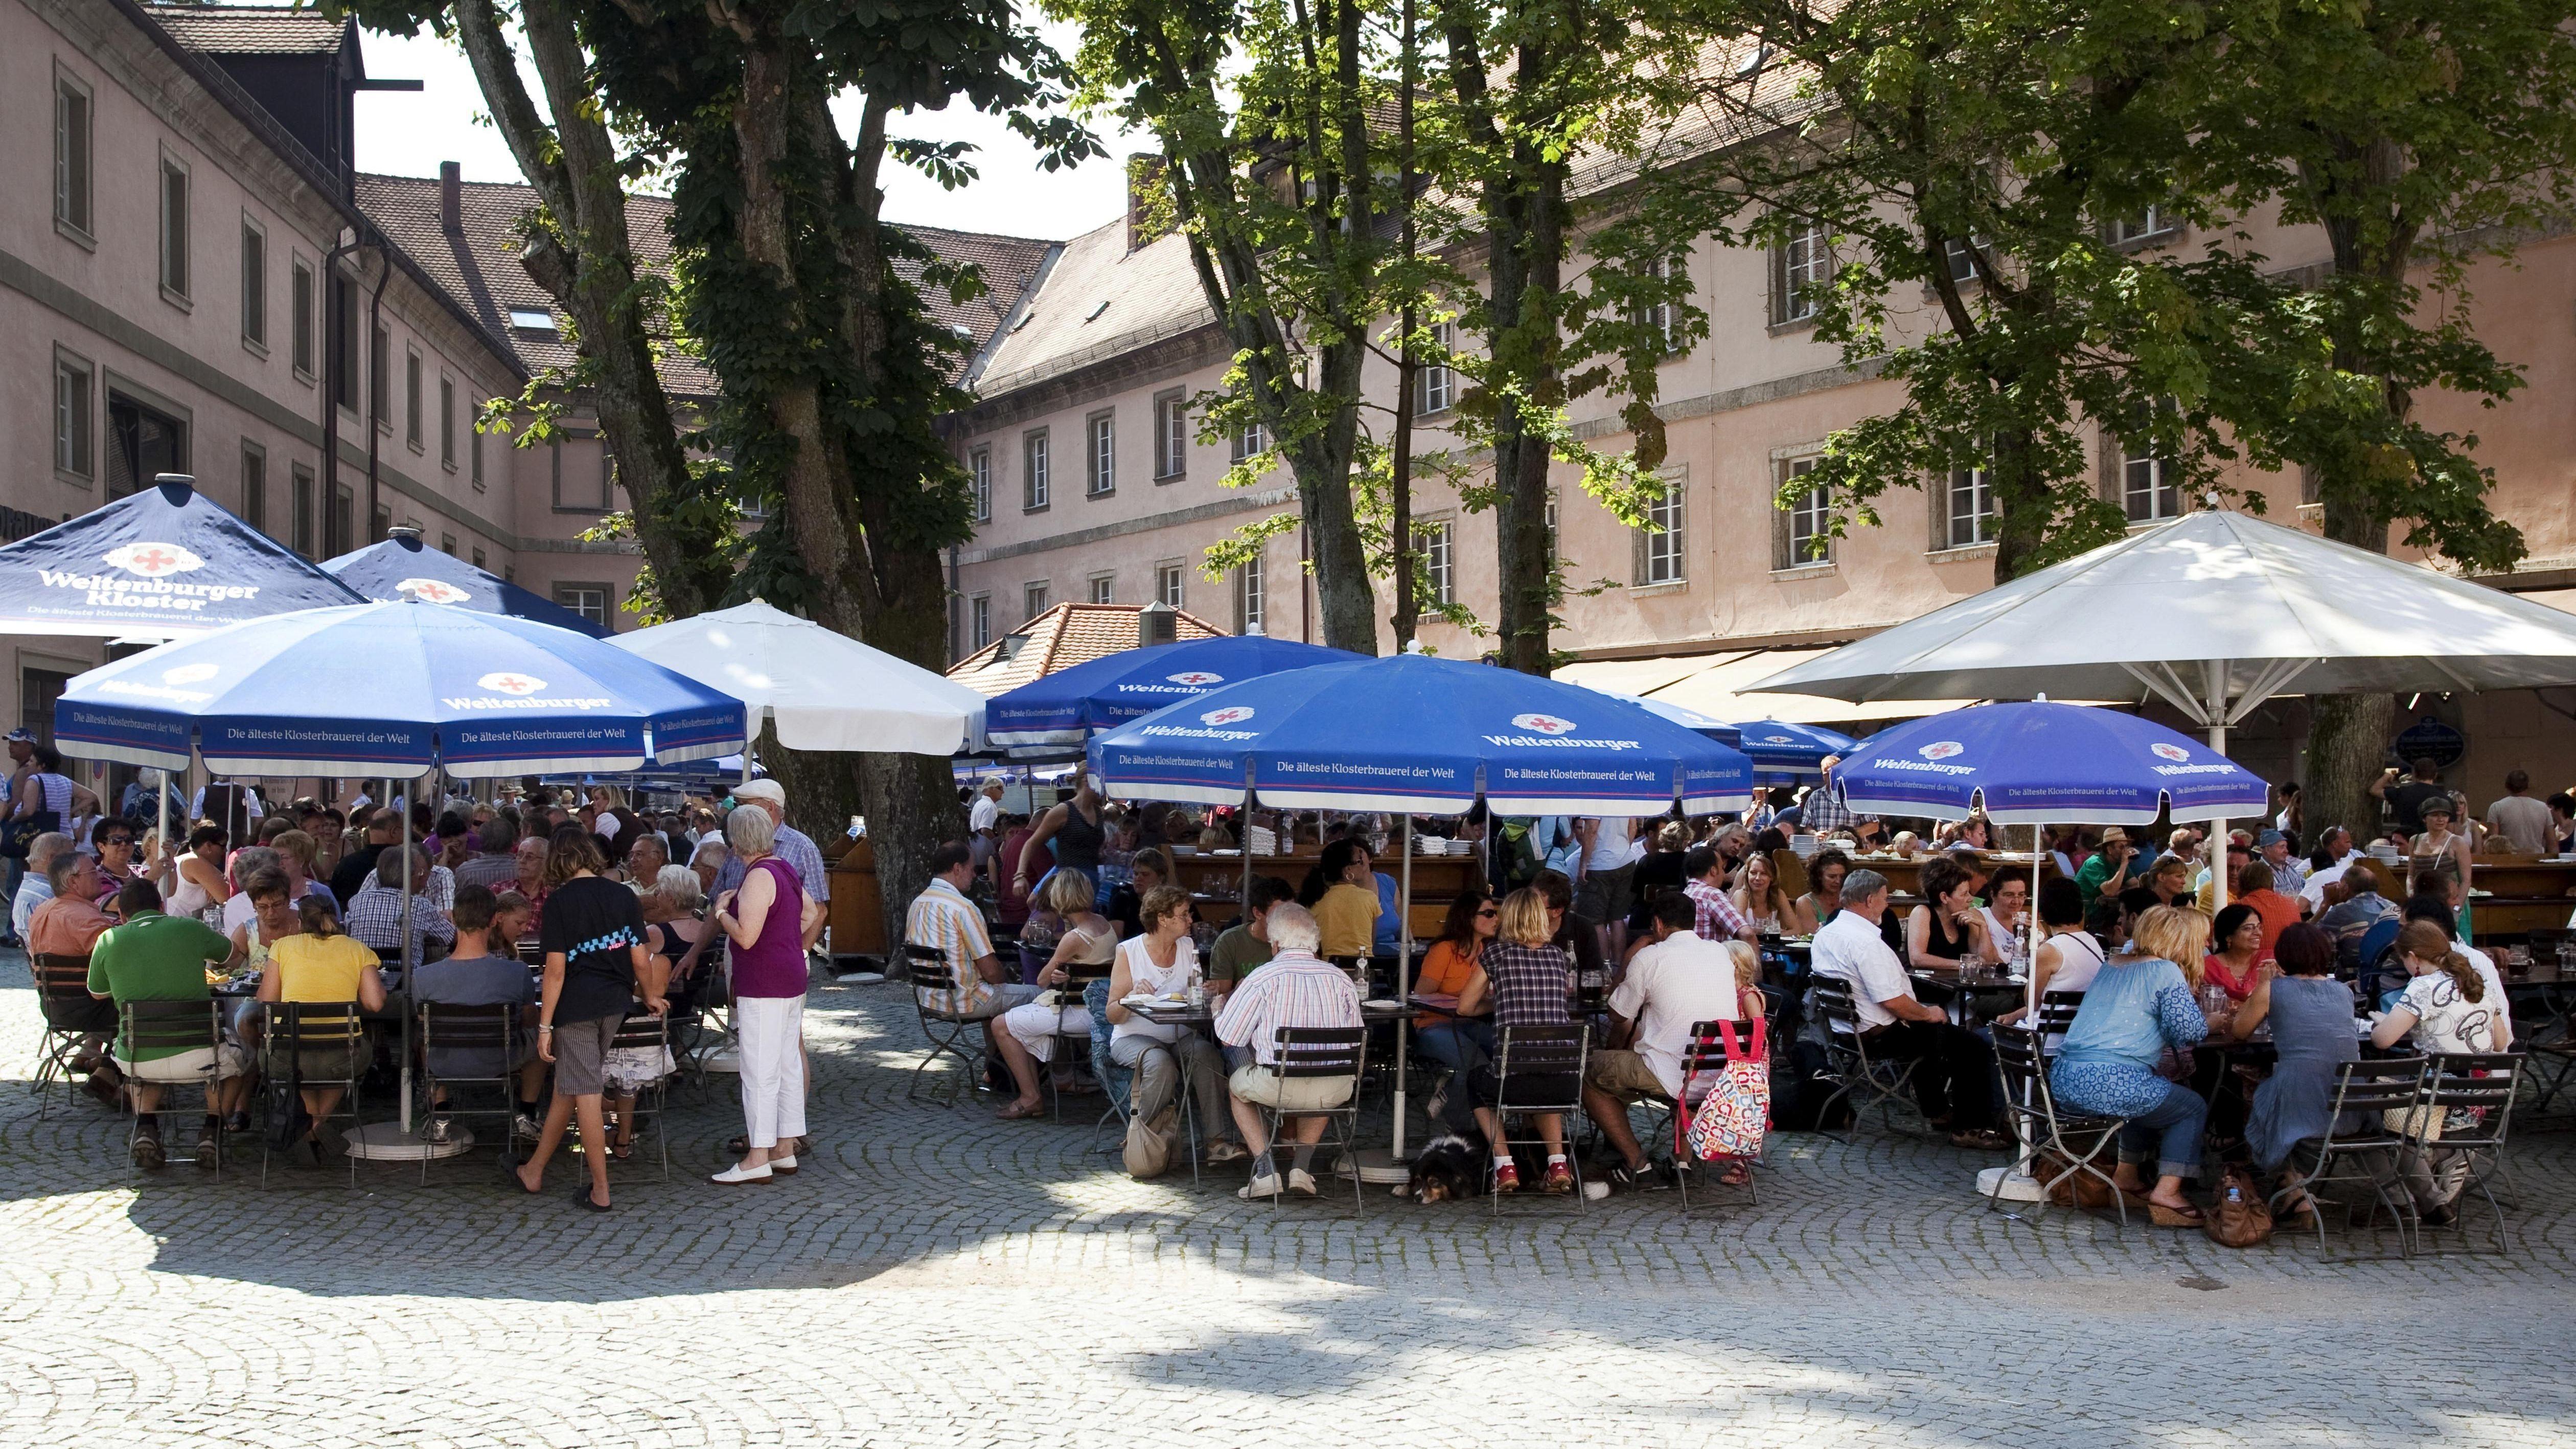 Der Biergarten an der Weltenburger Klosterschenke: das Wirtshaus gilt als eine der beliebtesten Ausflugsgaststätten in Ostbayern.